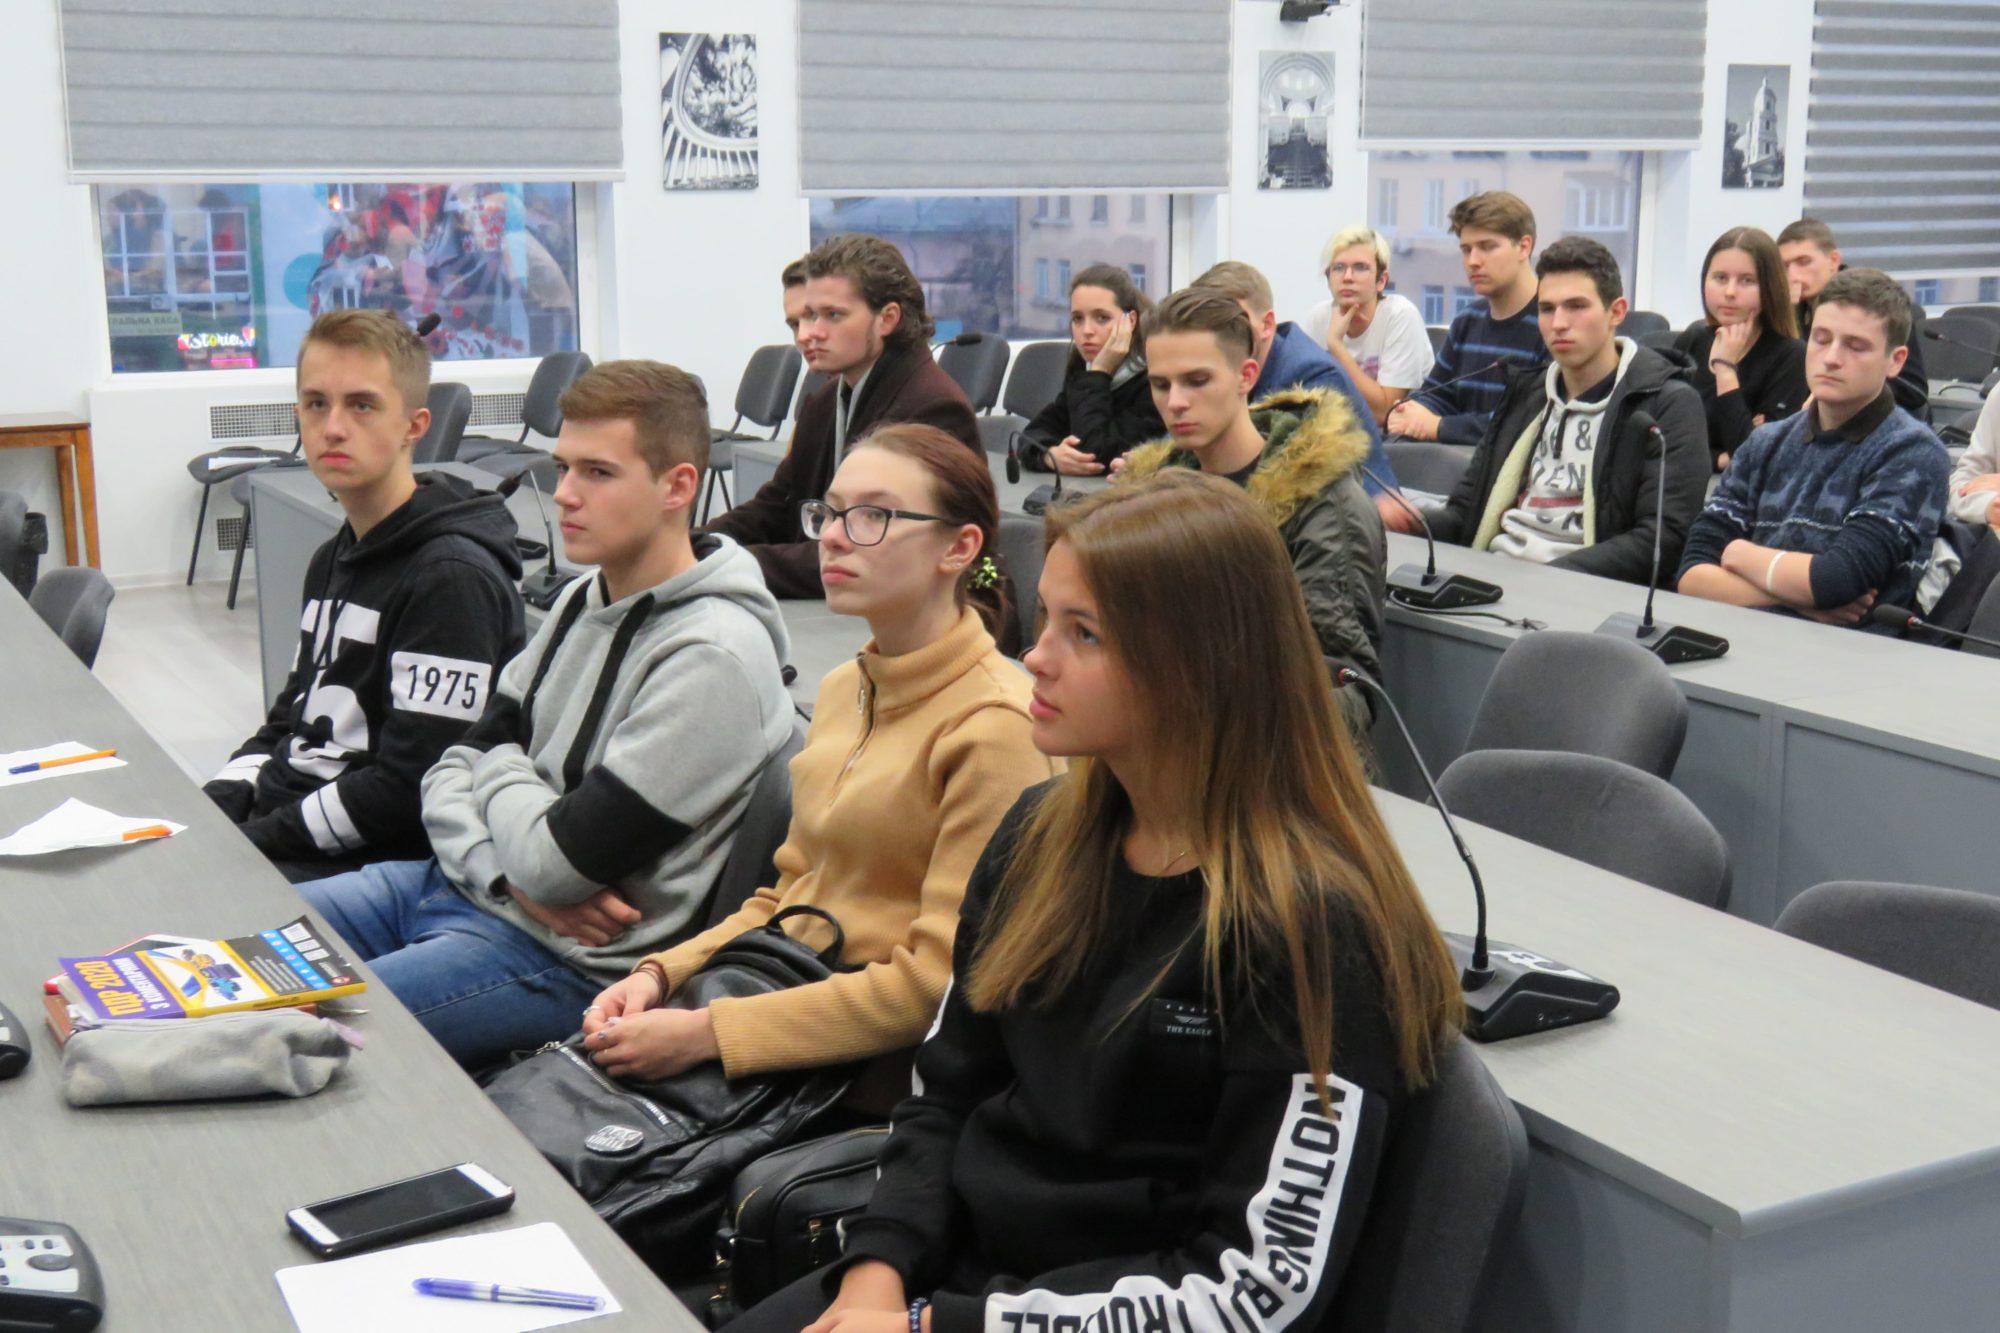 Білоцерківська молодь стажується у міськраді - стажування, Біла Церква - imgbig 1 3 2000x1333